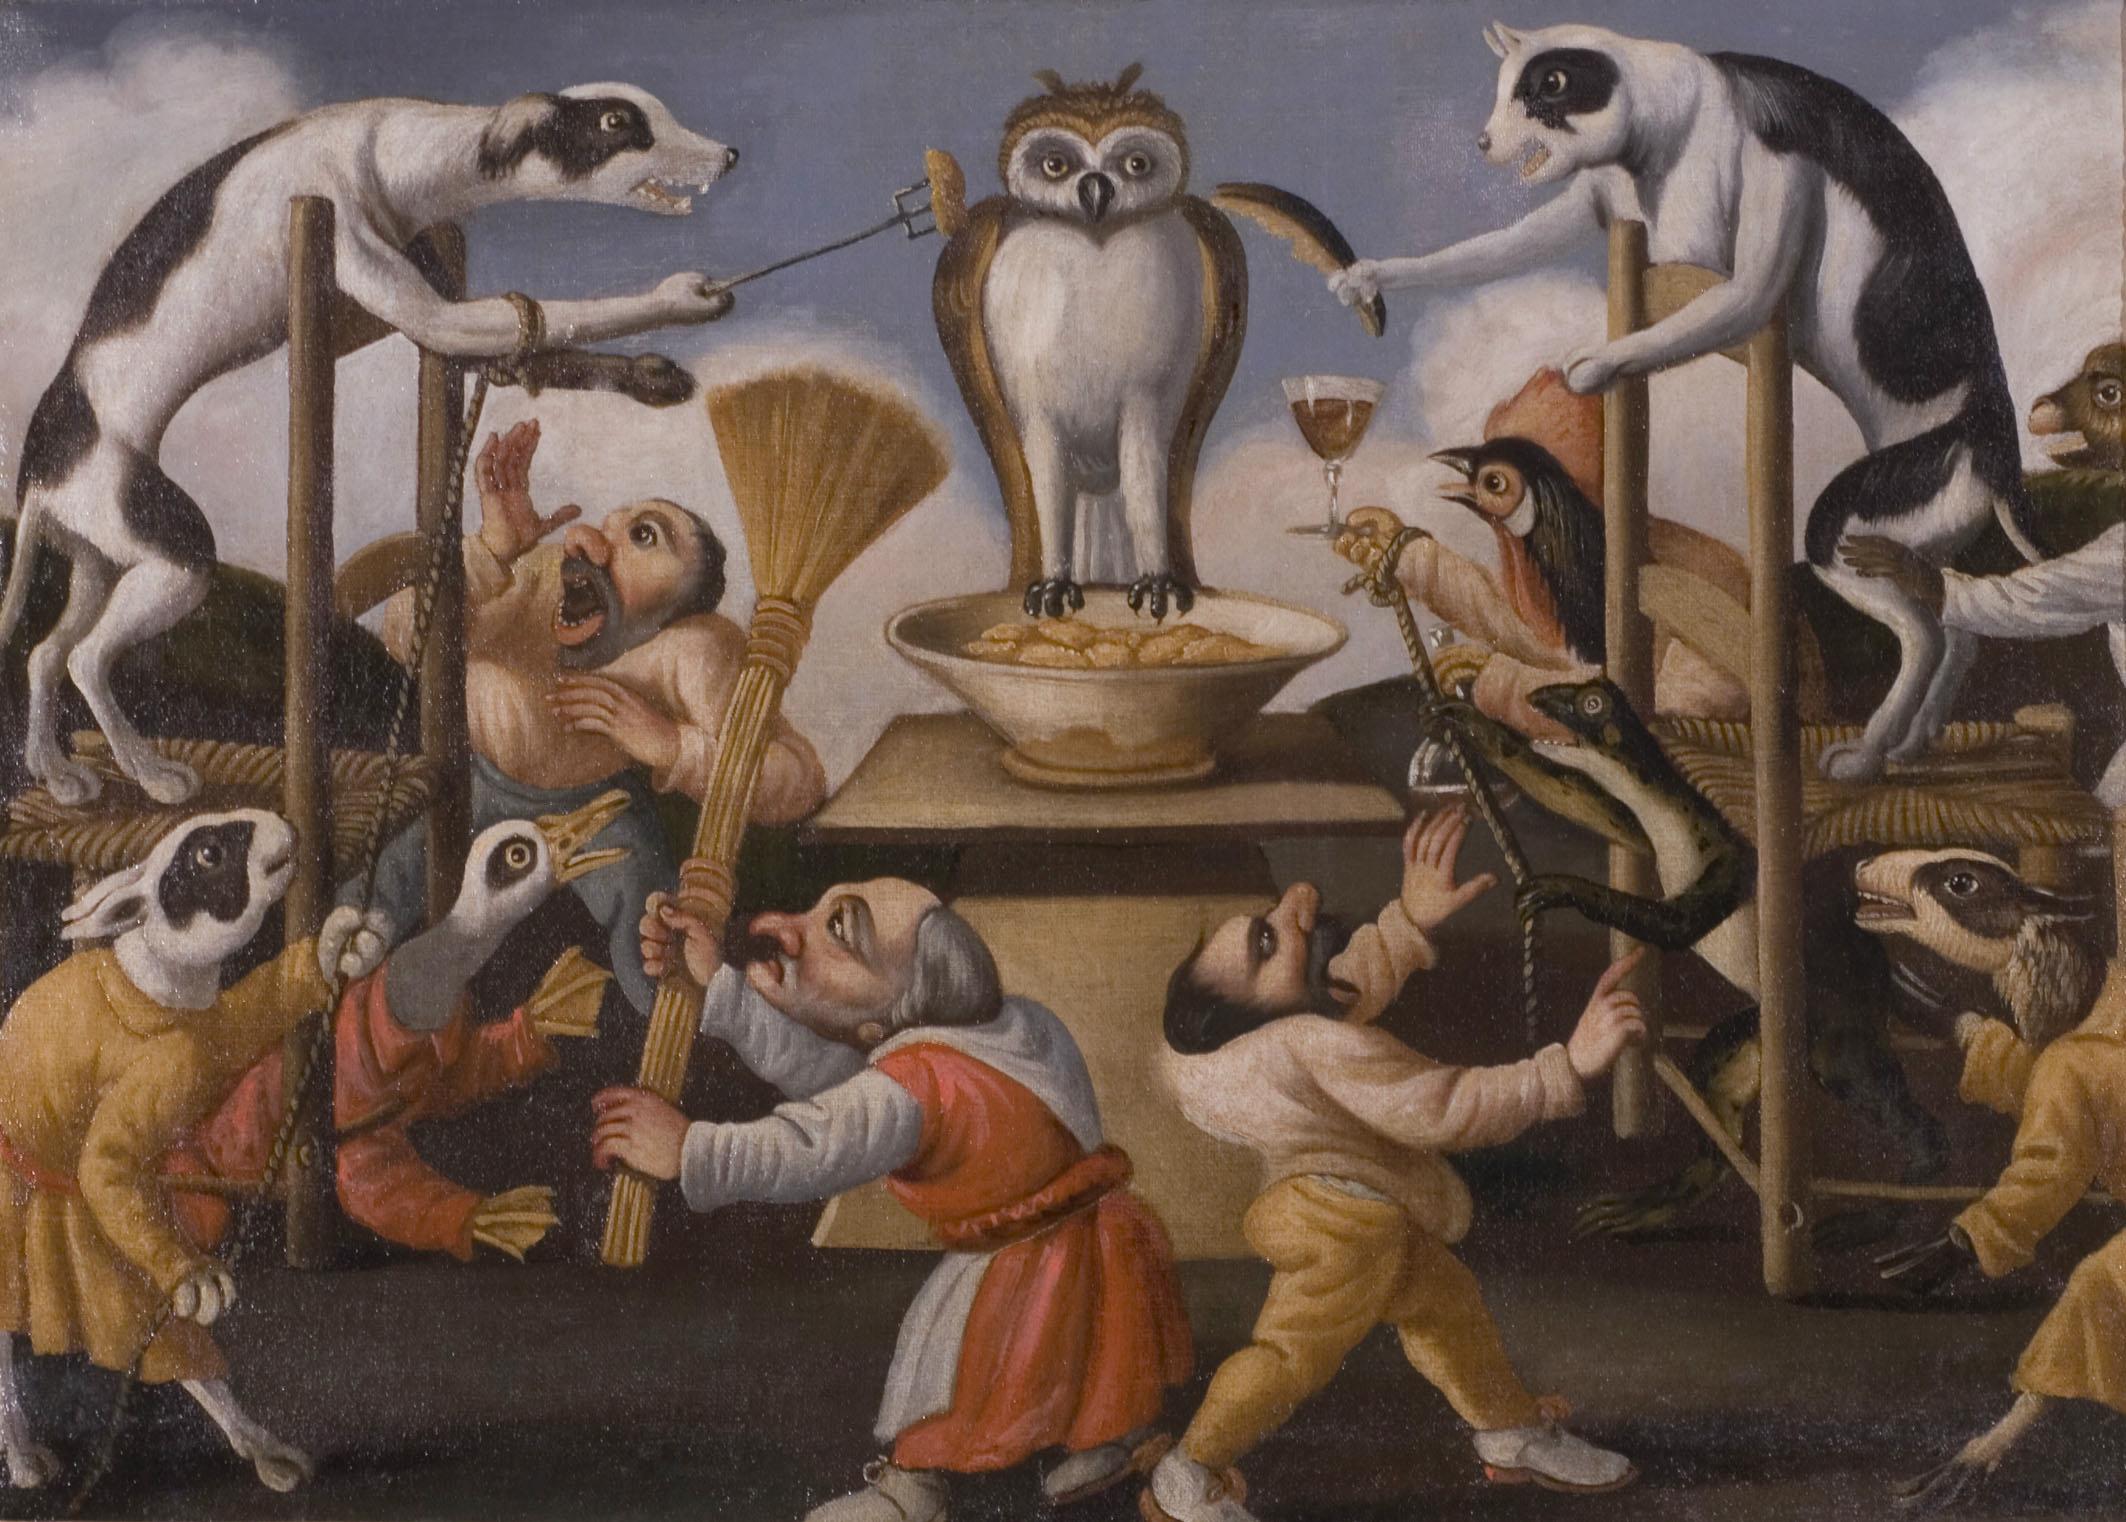 """Musée Fesch, Ajaccio, CorseНеизвестный художник 17 века, получивший название по одной из своих картин - """"MASTER DI FERTILITA 'DELLE UOVA"""""""